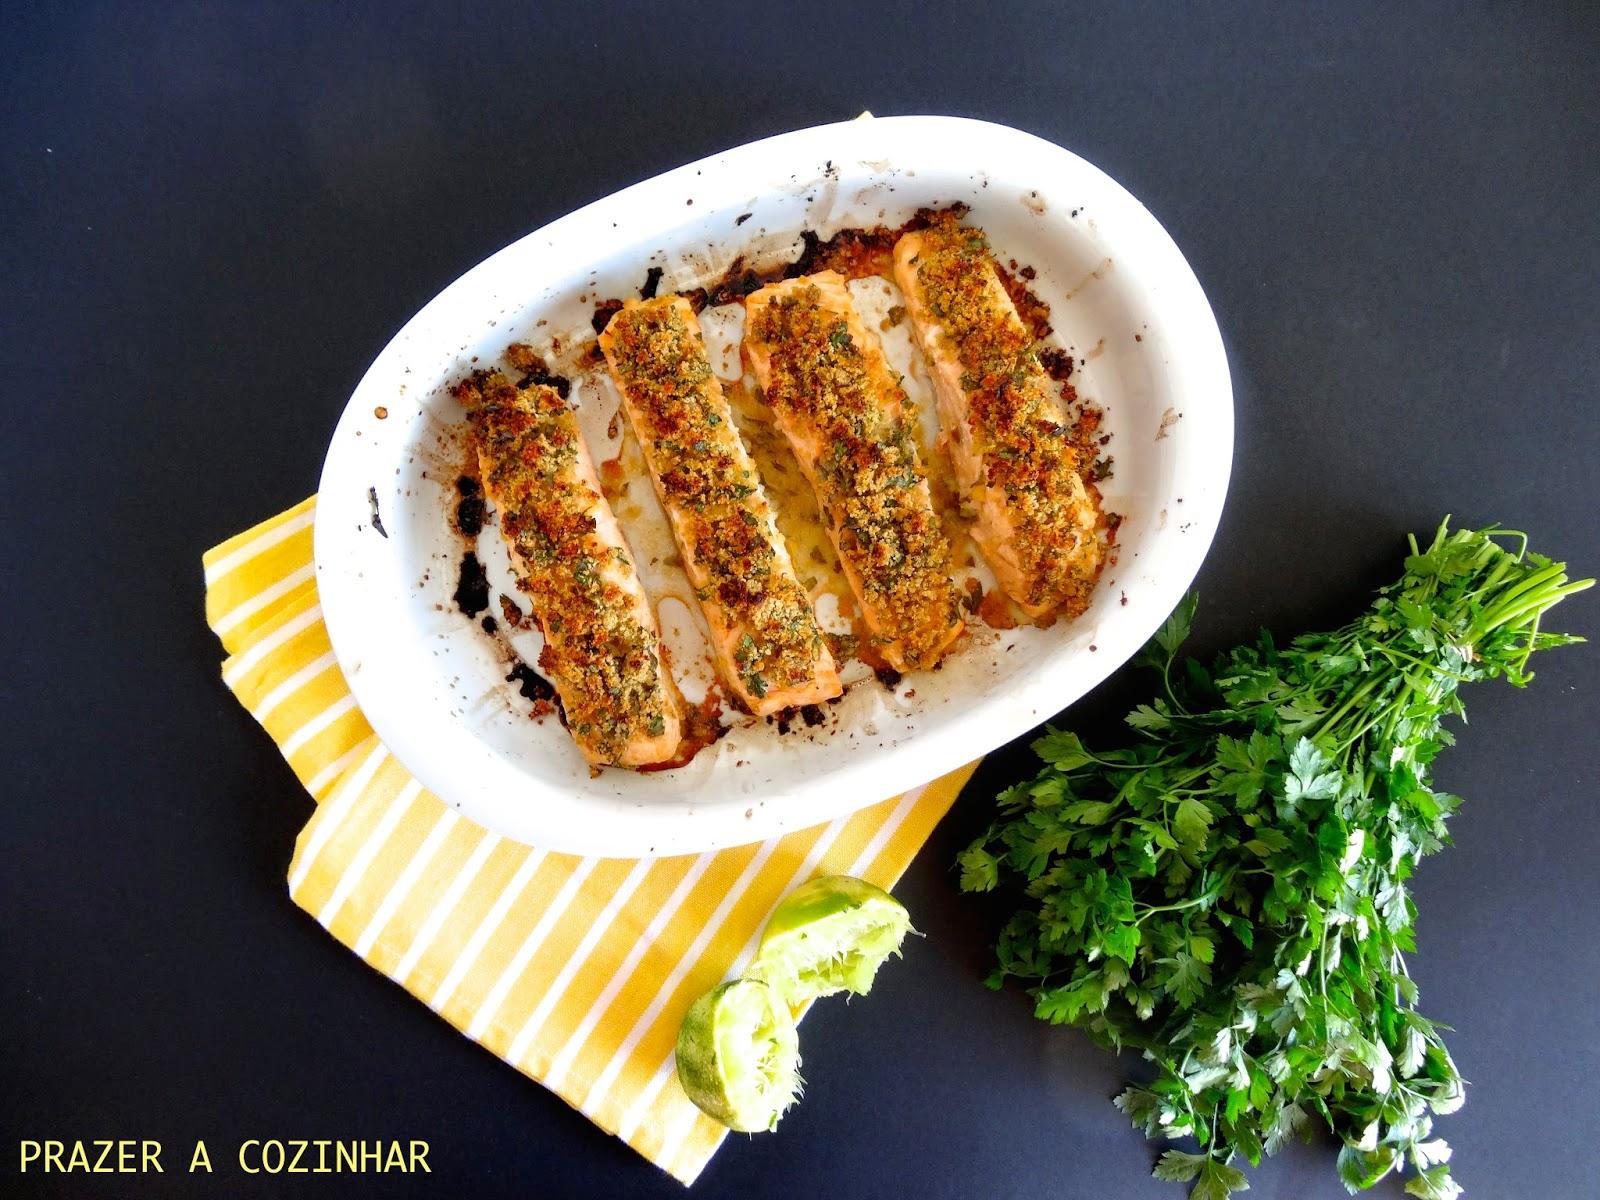 prazer a cozinhar - Salmão assado com crosta de mostarda e salsa